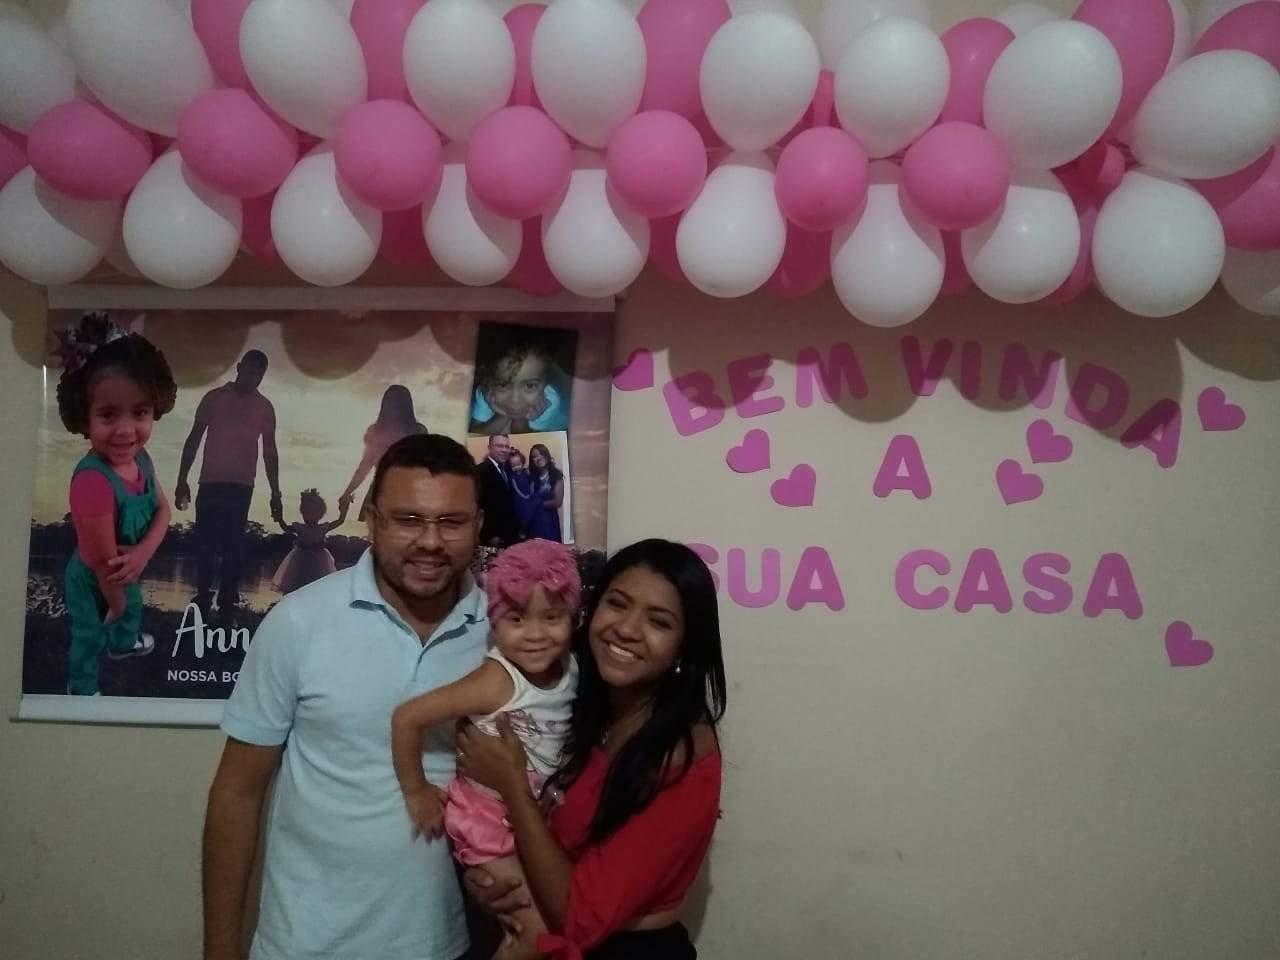 Menina atingida por concreto em Guarapari é recebida com festa ao retornar para casa em MG - Jornal Folha Vitória